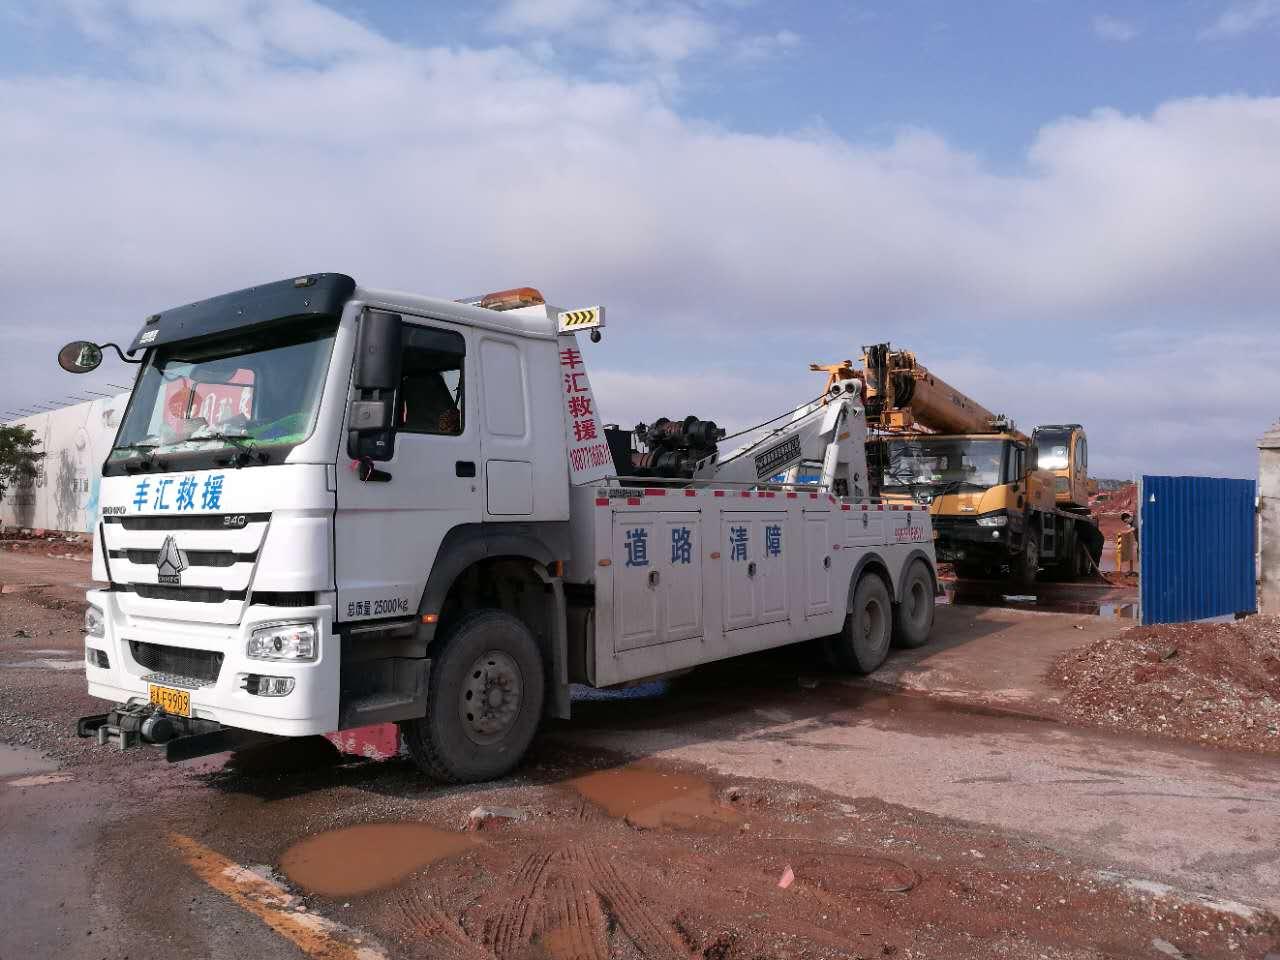 哪儿有可靠的广西道路拖车救援服务,24小时道路拖车救援预约